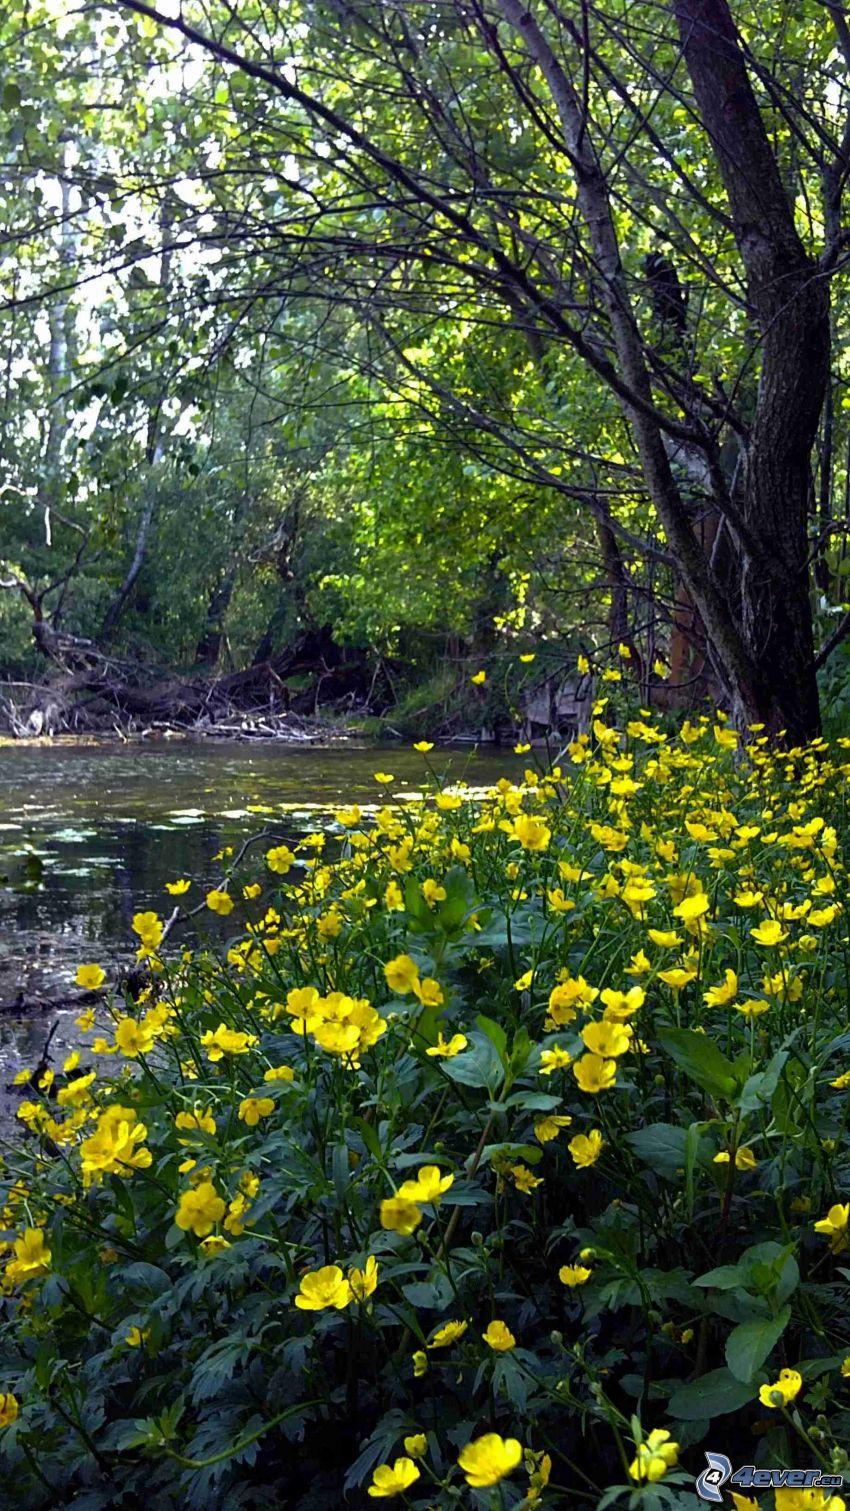 blommor, bäck, lövträd